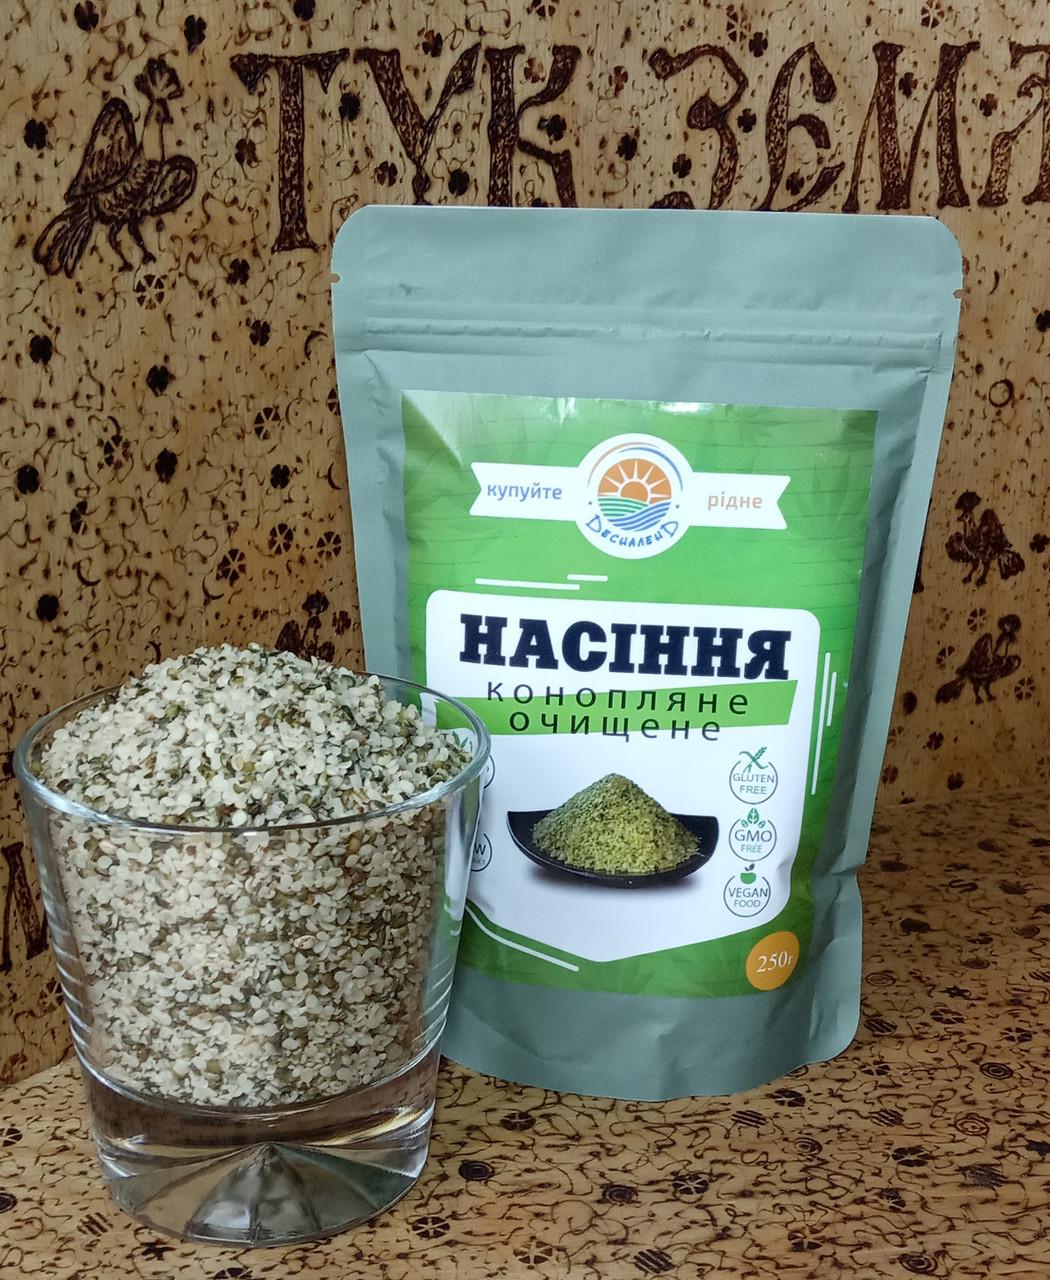 Конопля интернет магазин семена мальборо с марихуаной заказать